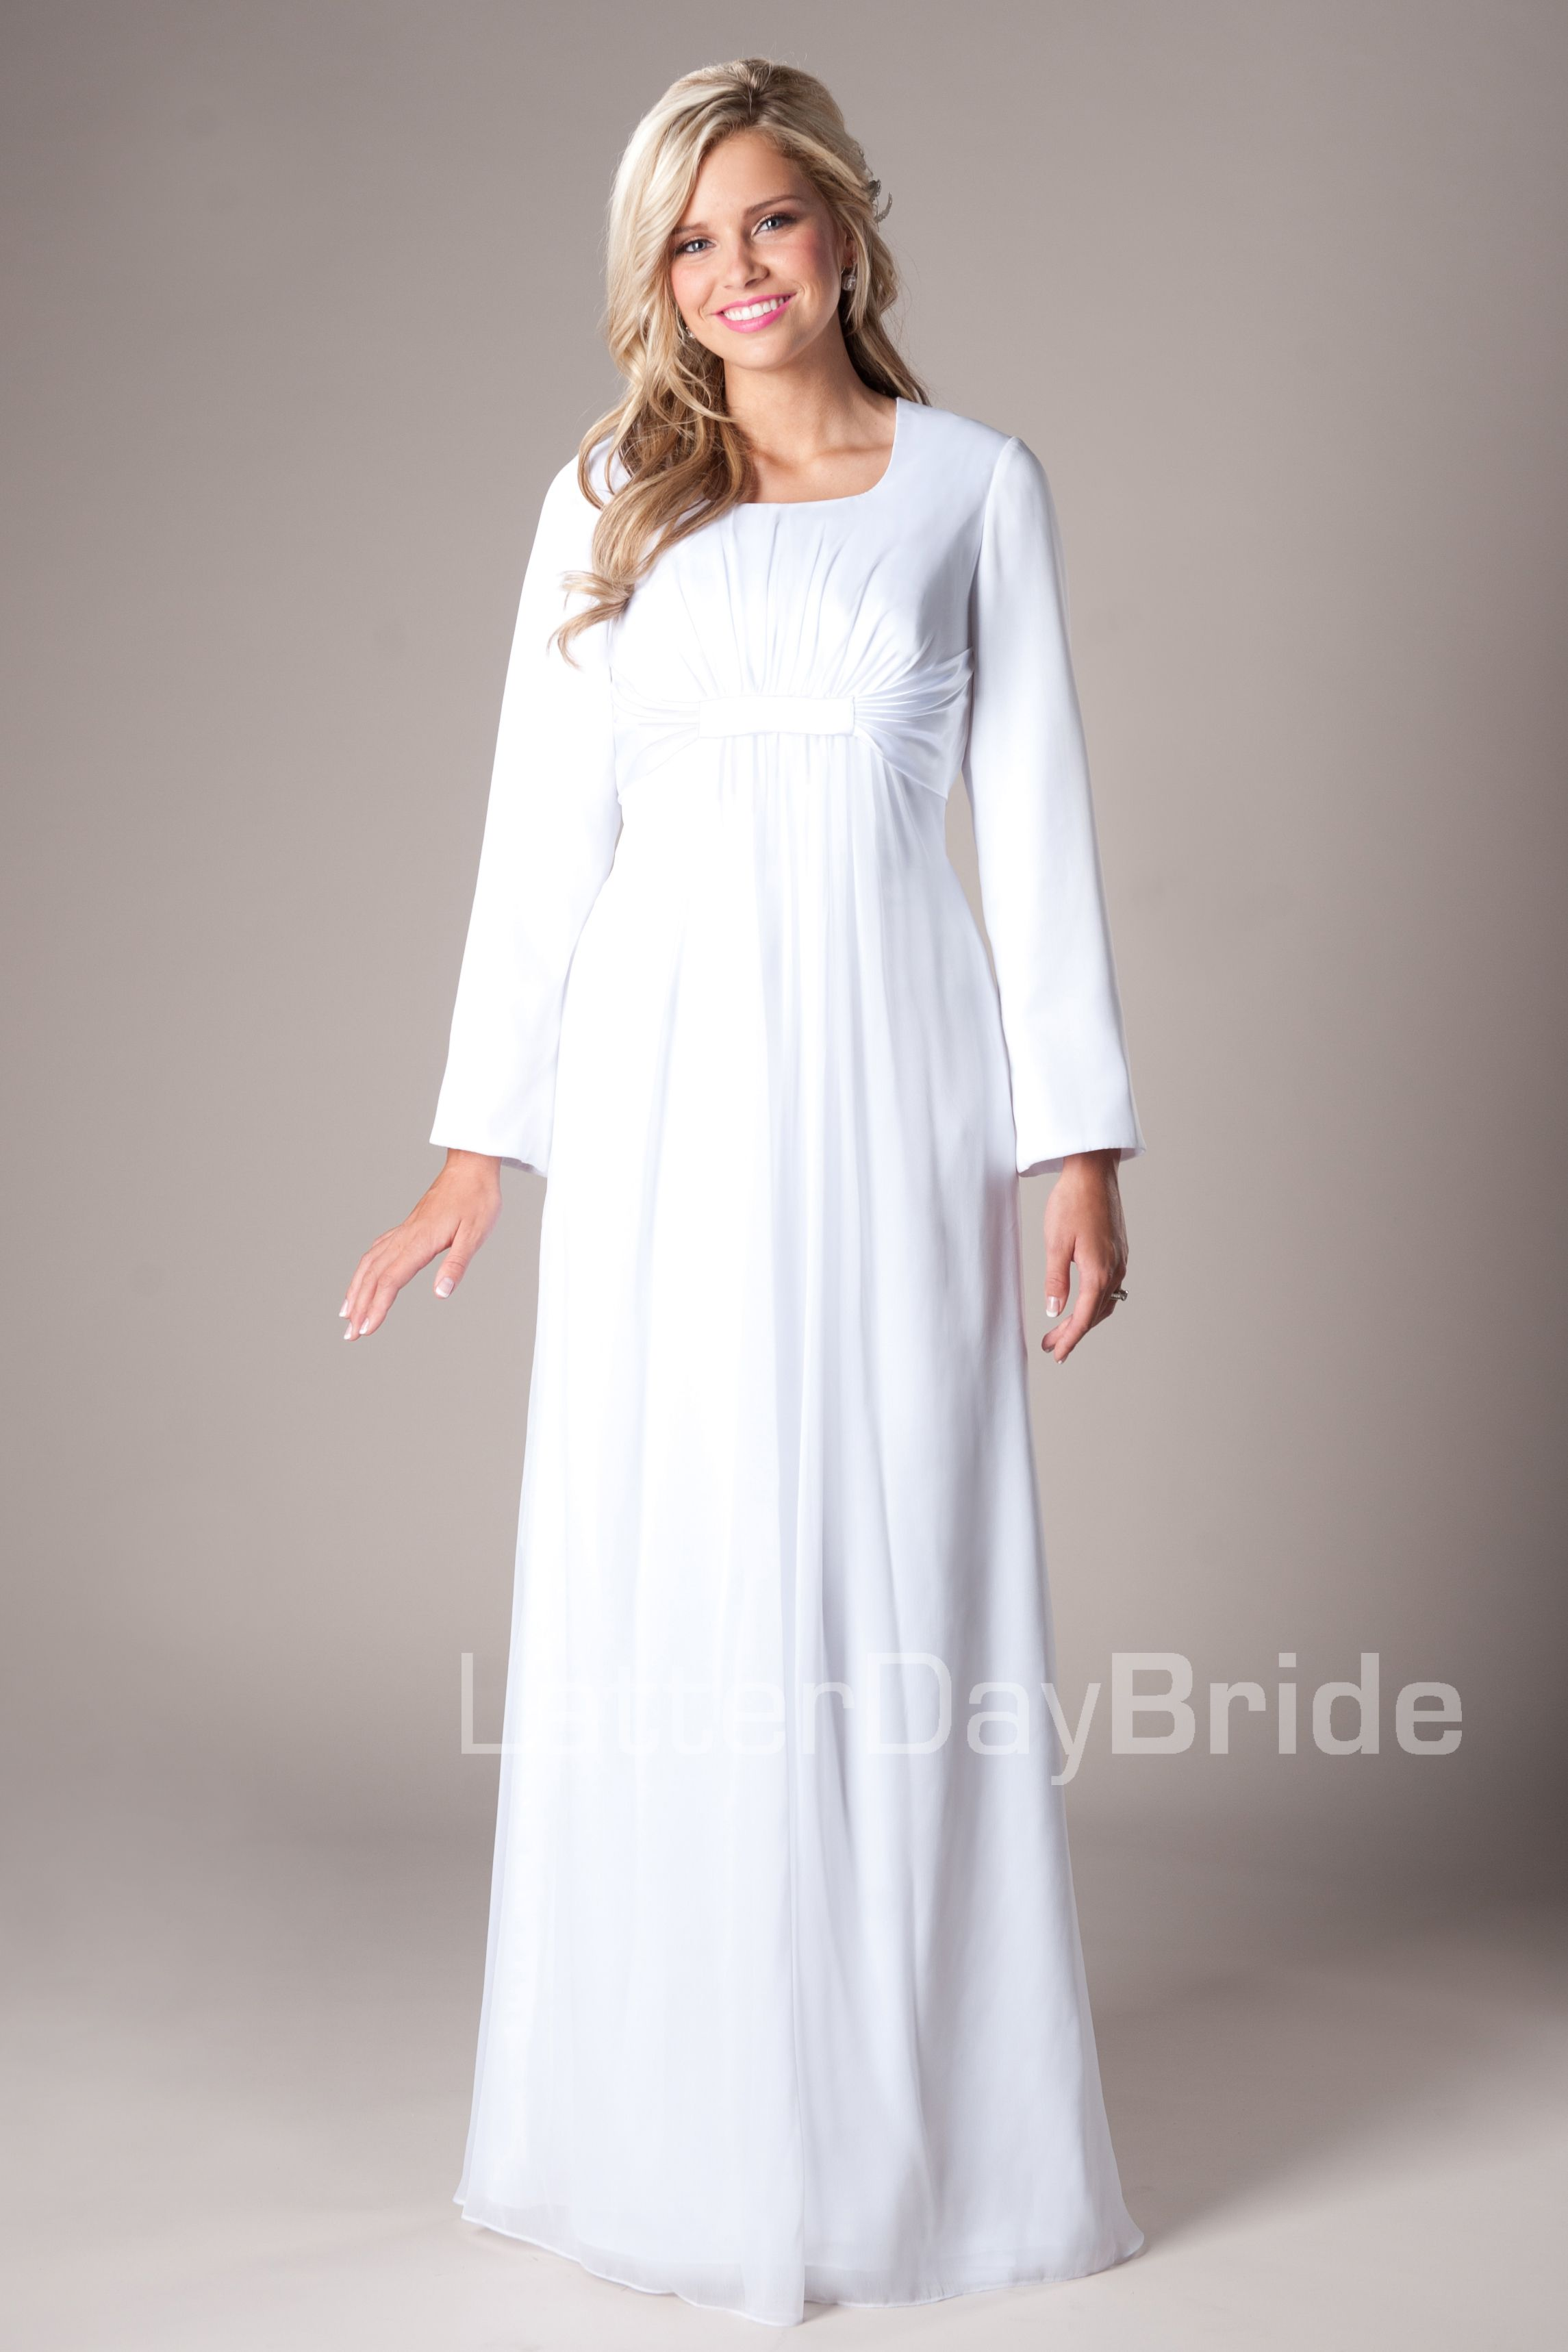 Oakland -Modest Mormon LDS Temple Dress   Temple Dresses   Pinterest